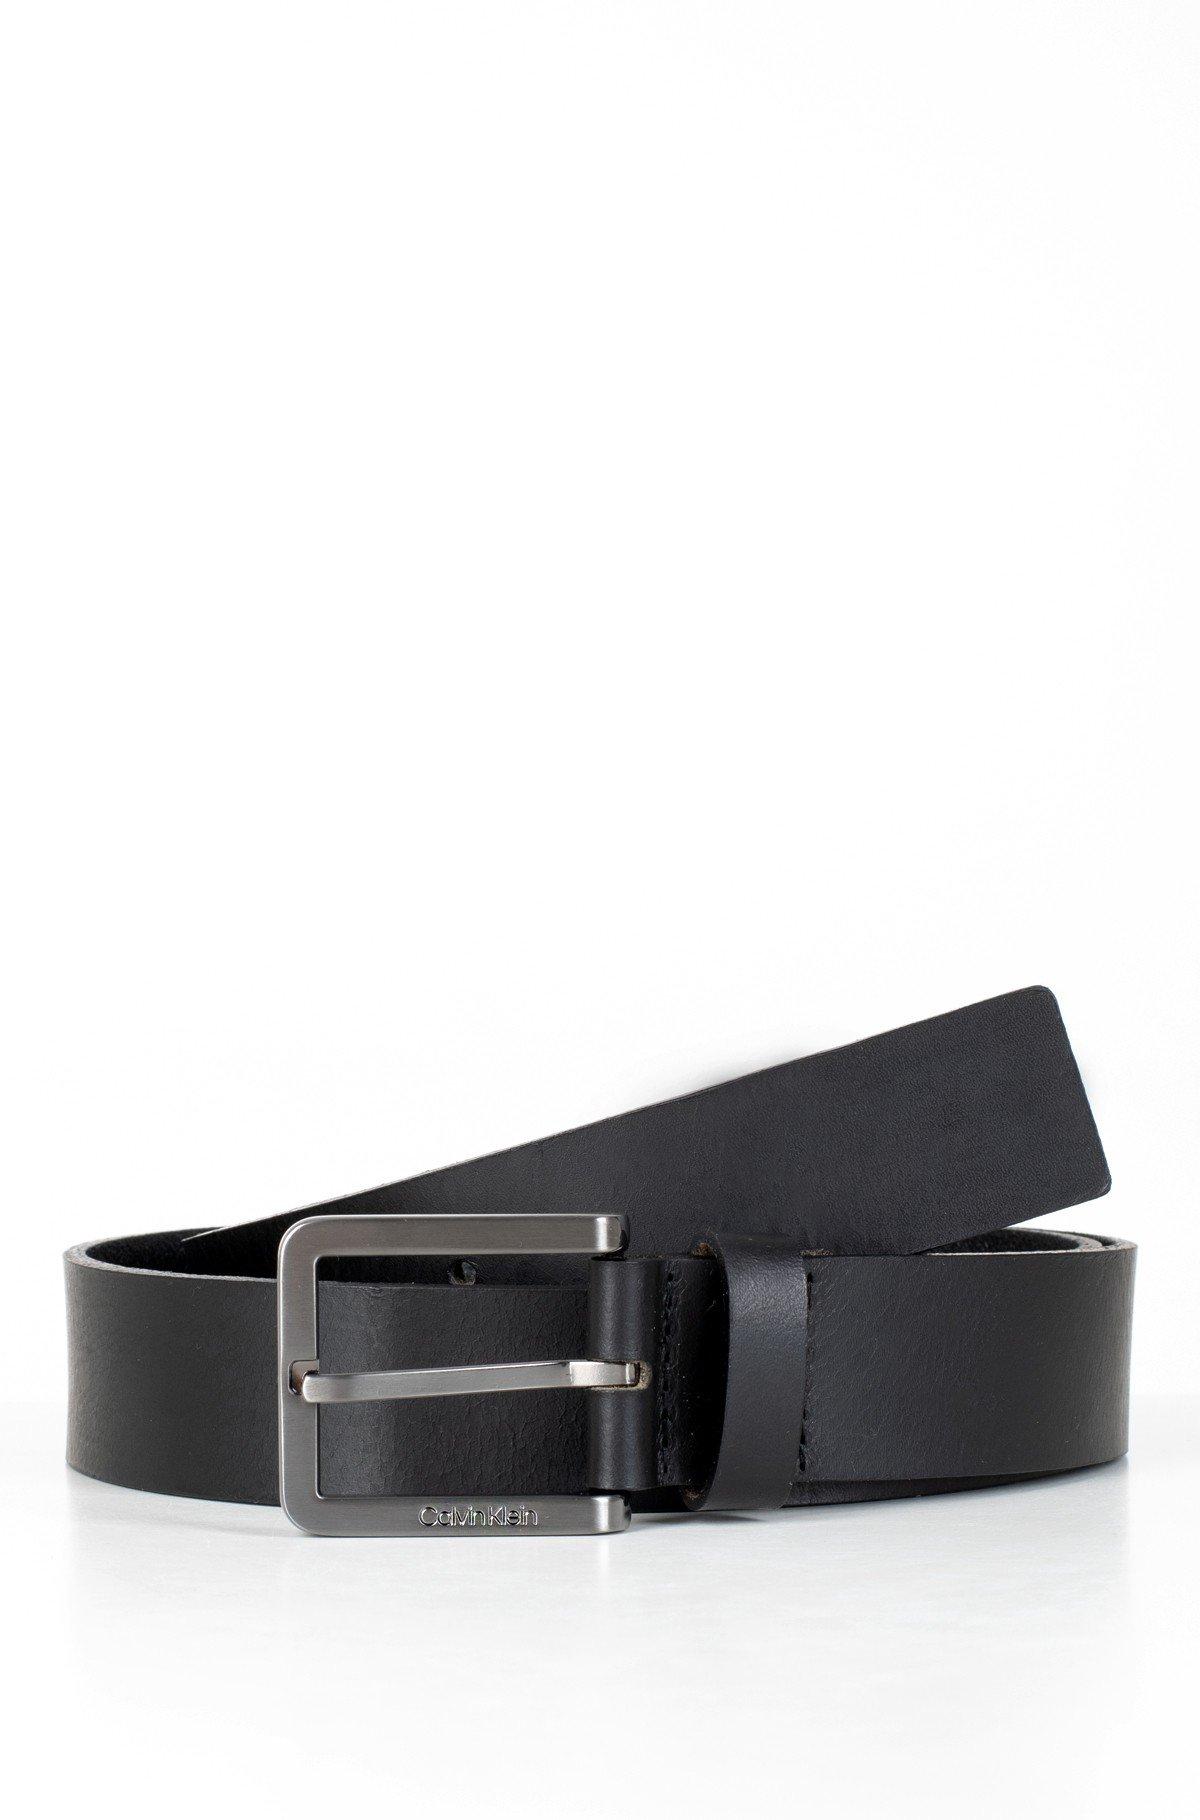 Belt ESSENTIAL PLUS 35MM-full-1